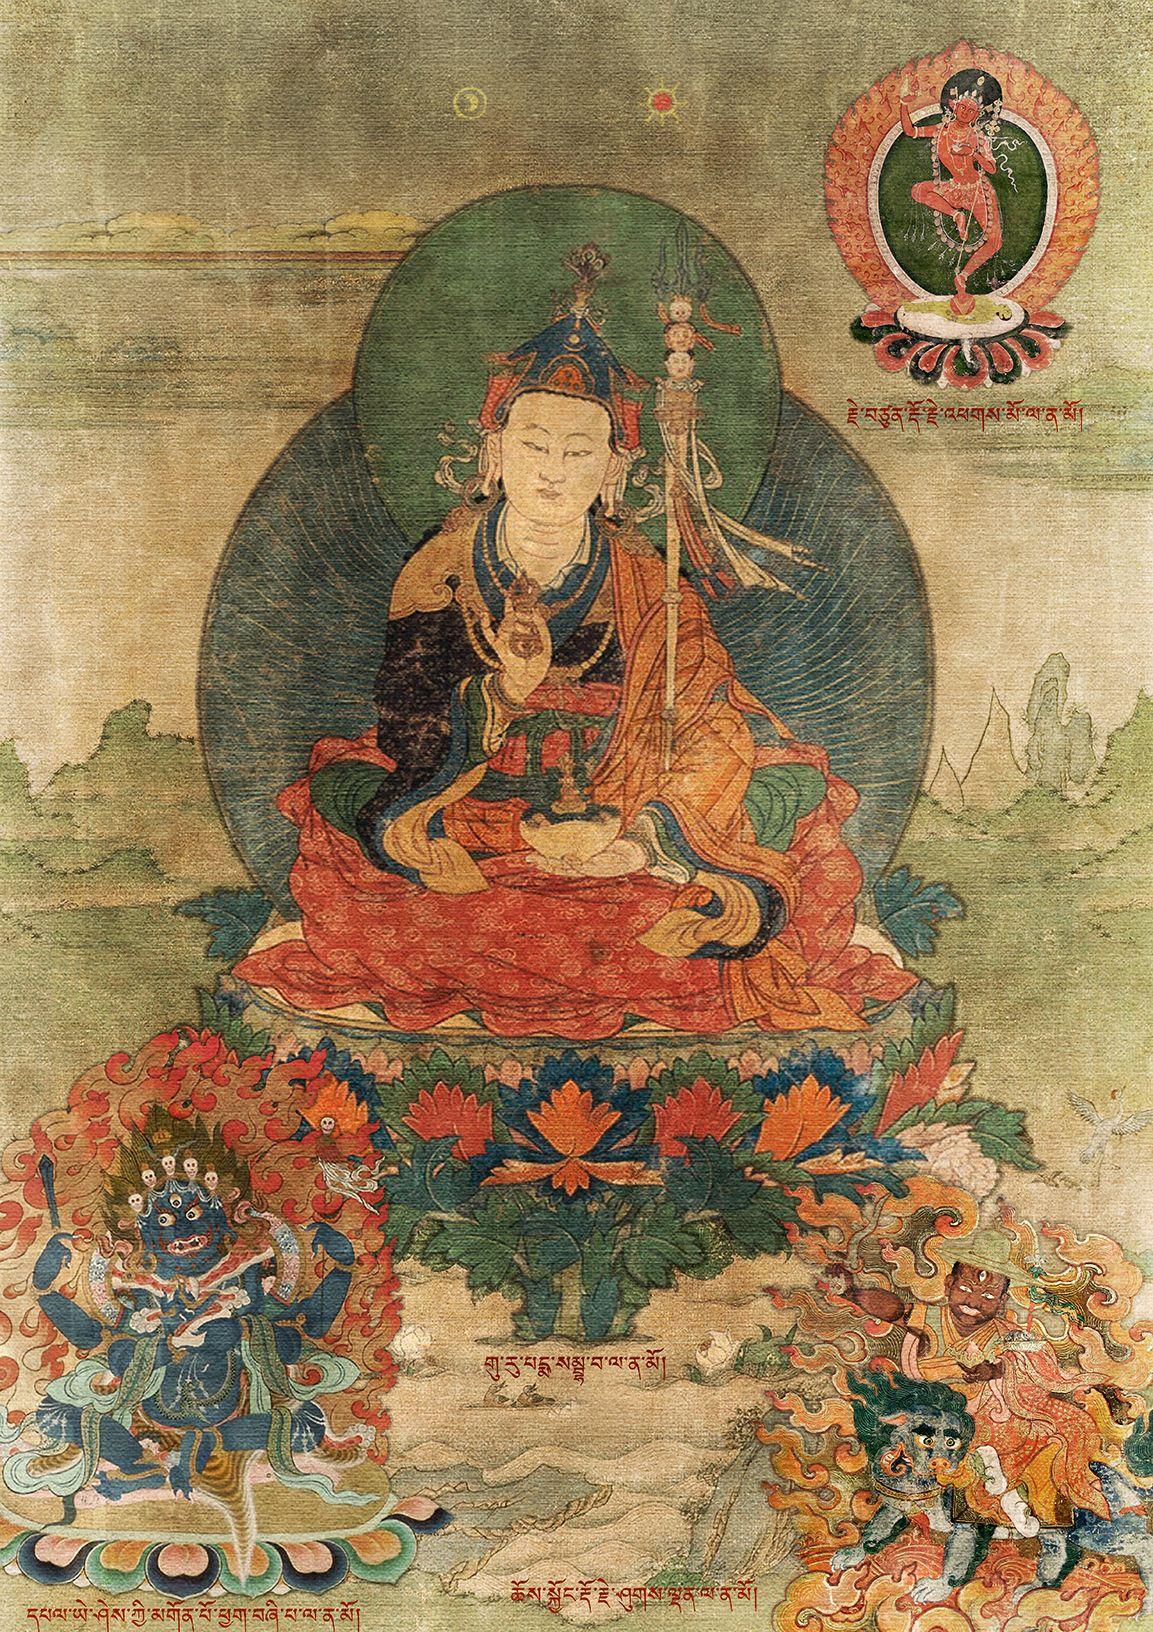 Buddha Images (Free Download) | Dorje Shugden Images